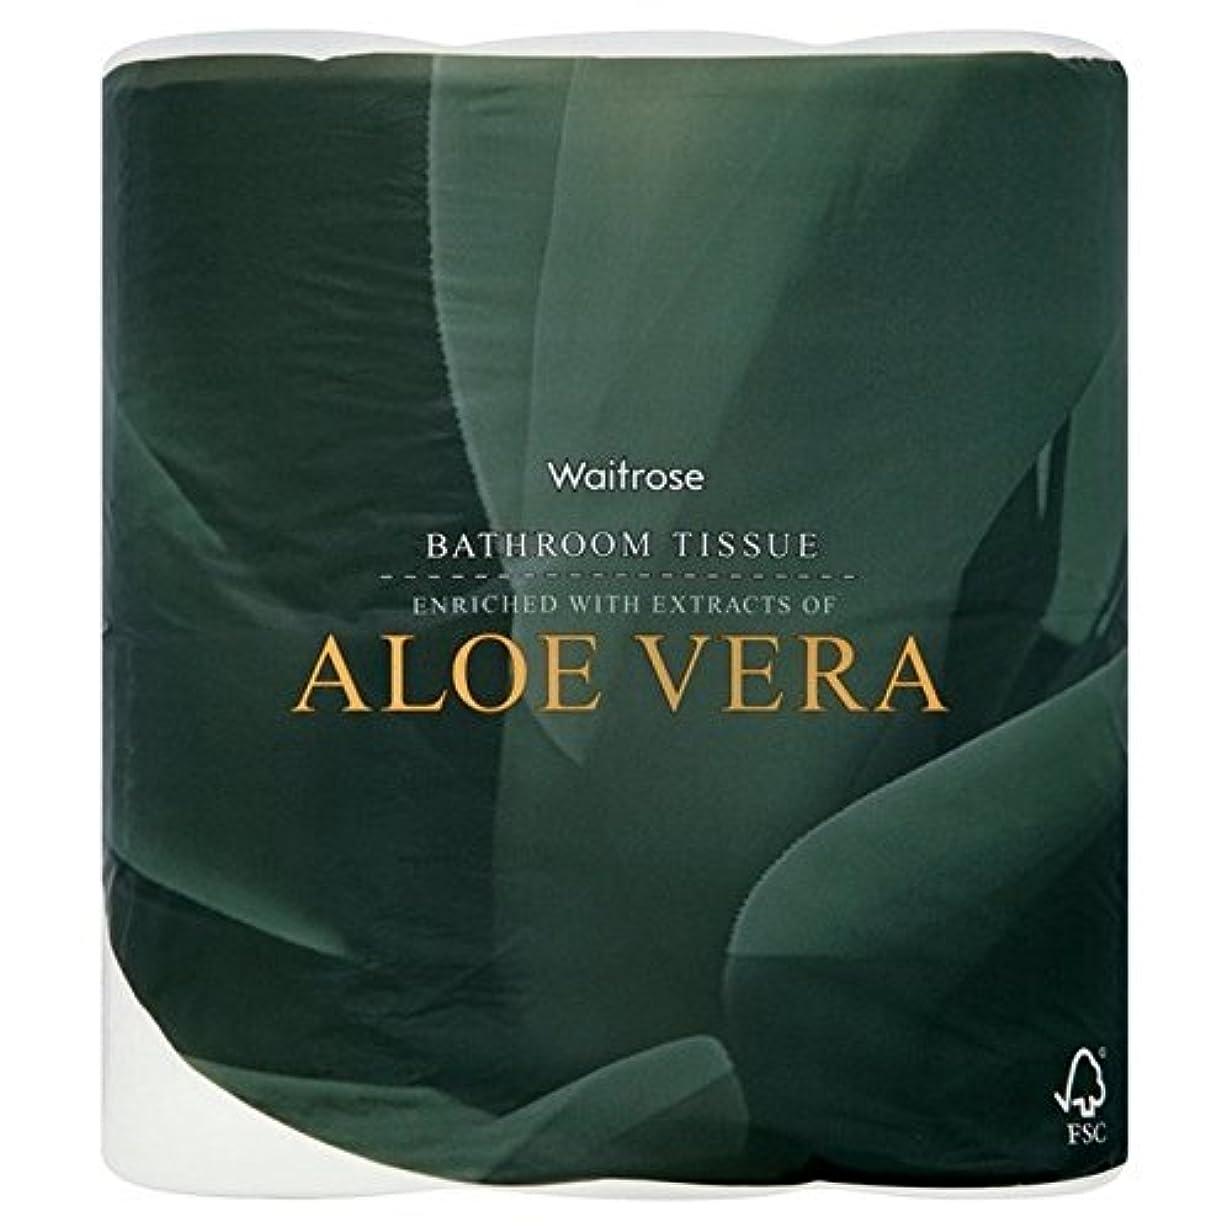 摩擦小数疼痛Aloe Vera Bathroom Tissue White Waitrose 4 per pack - パックあたりアロエベラ浴室組織白ウェイトローズ4 [並行輸入品]